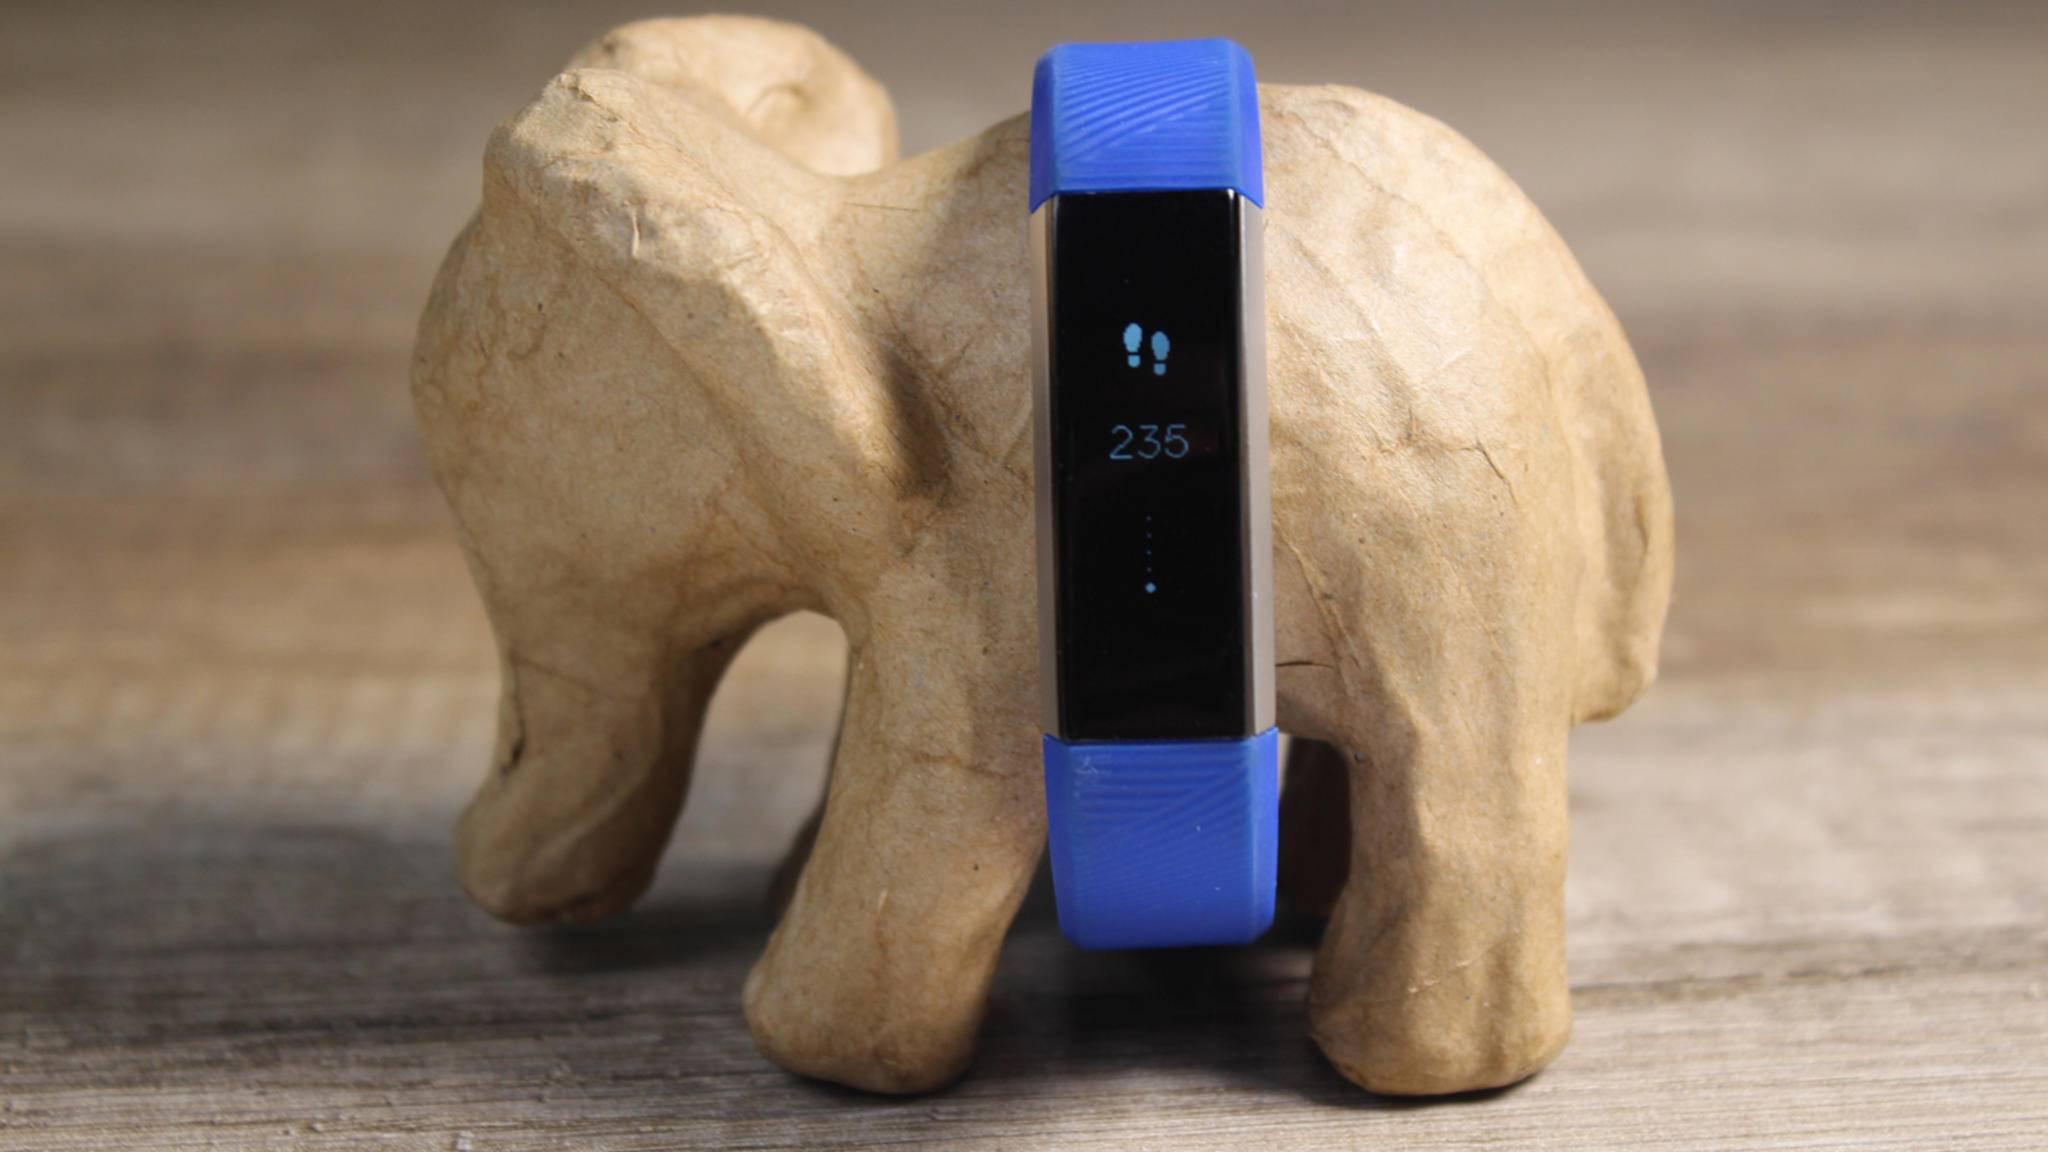 Der Fitbit Ace kann in wenigen Schritten für den Nachwuchs eingerichtet werden.